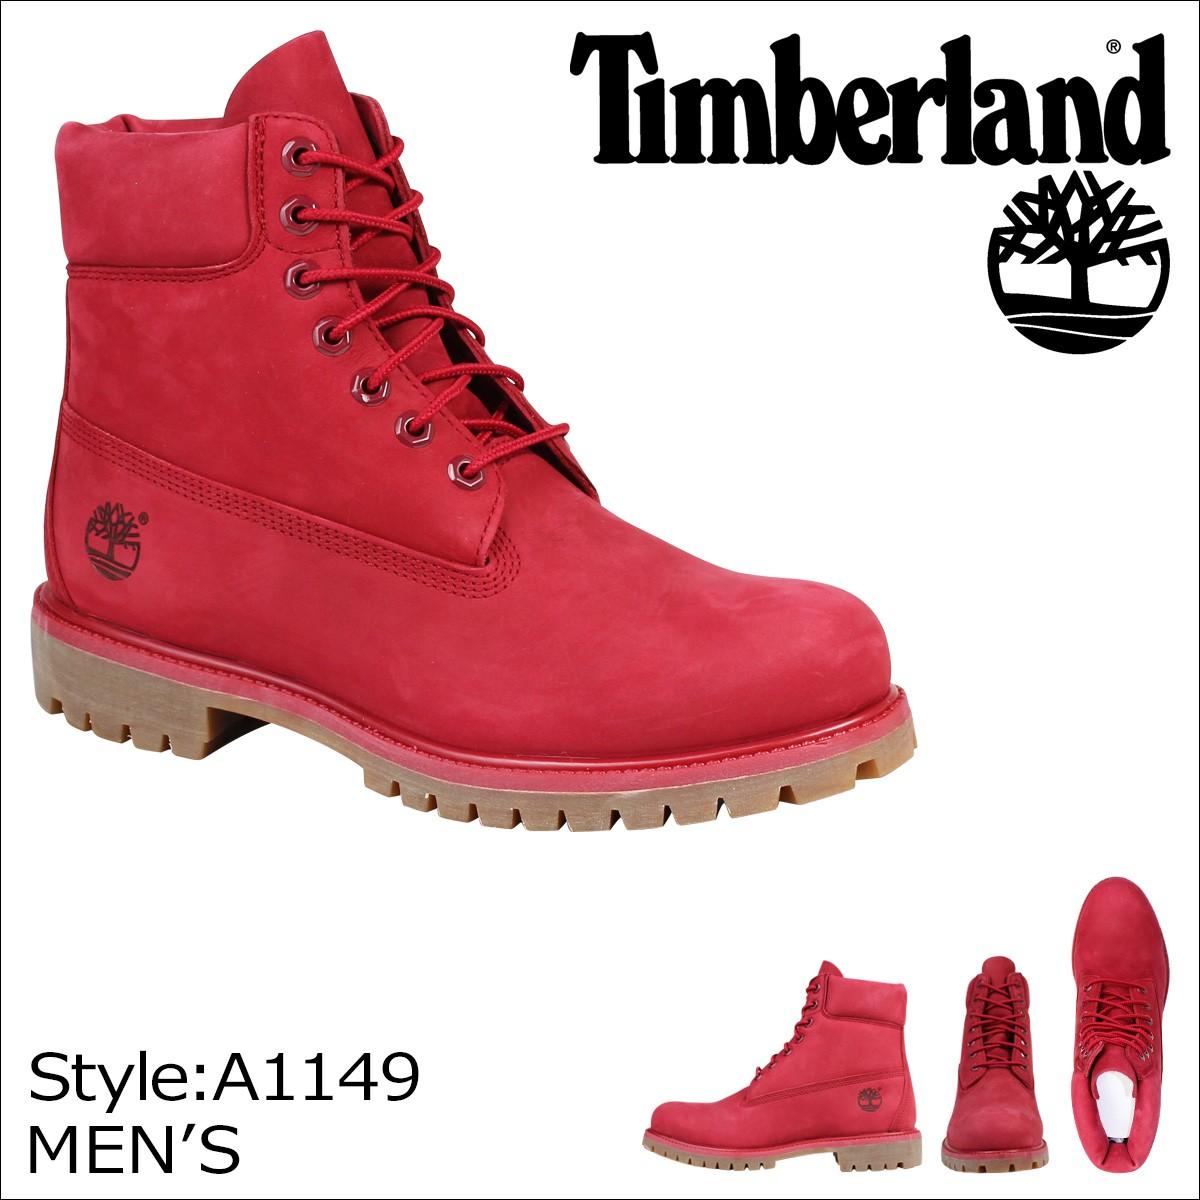 ティンバーランド 6インチ メンズ Timberland ブーツ プレミアム 6-INCH REMIUM WATERPROOF BOOTS A1149 Wワイズ 防水 レッド [8/10 追加入荷]